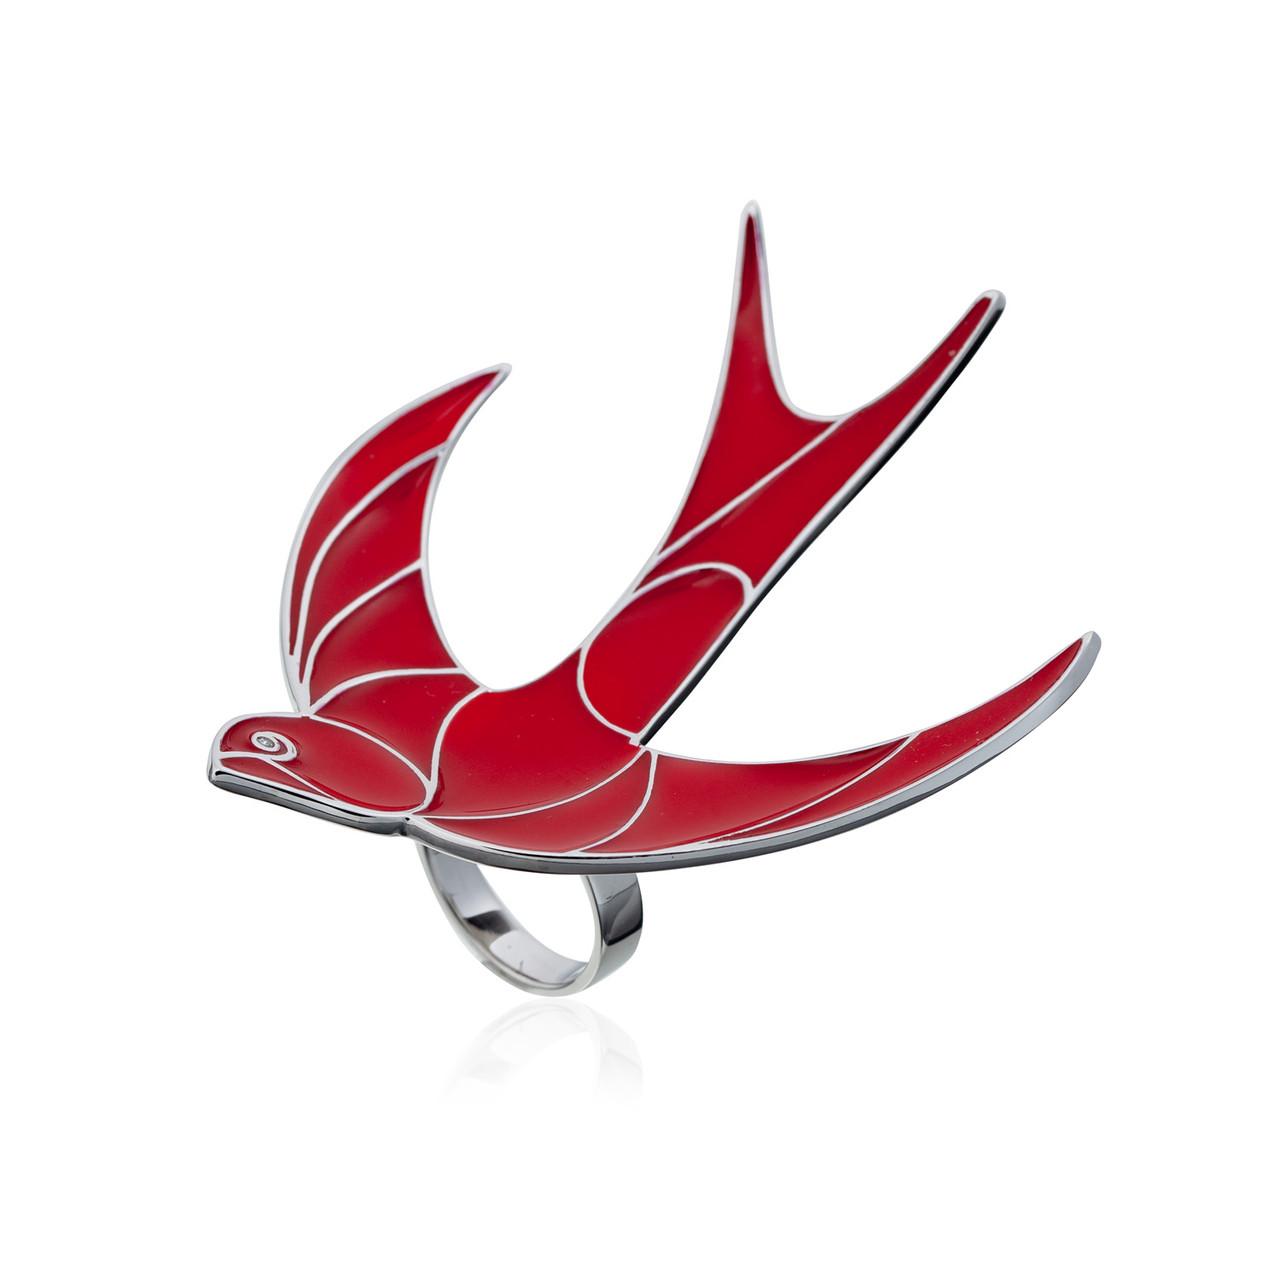 Серебряное кольцо Ласточка. Вставка: красная эмаль, фианит, размер: 16, вес: 26 гр, покрытие родий